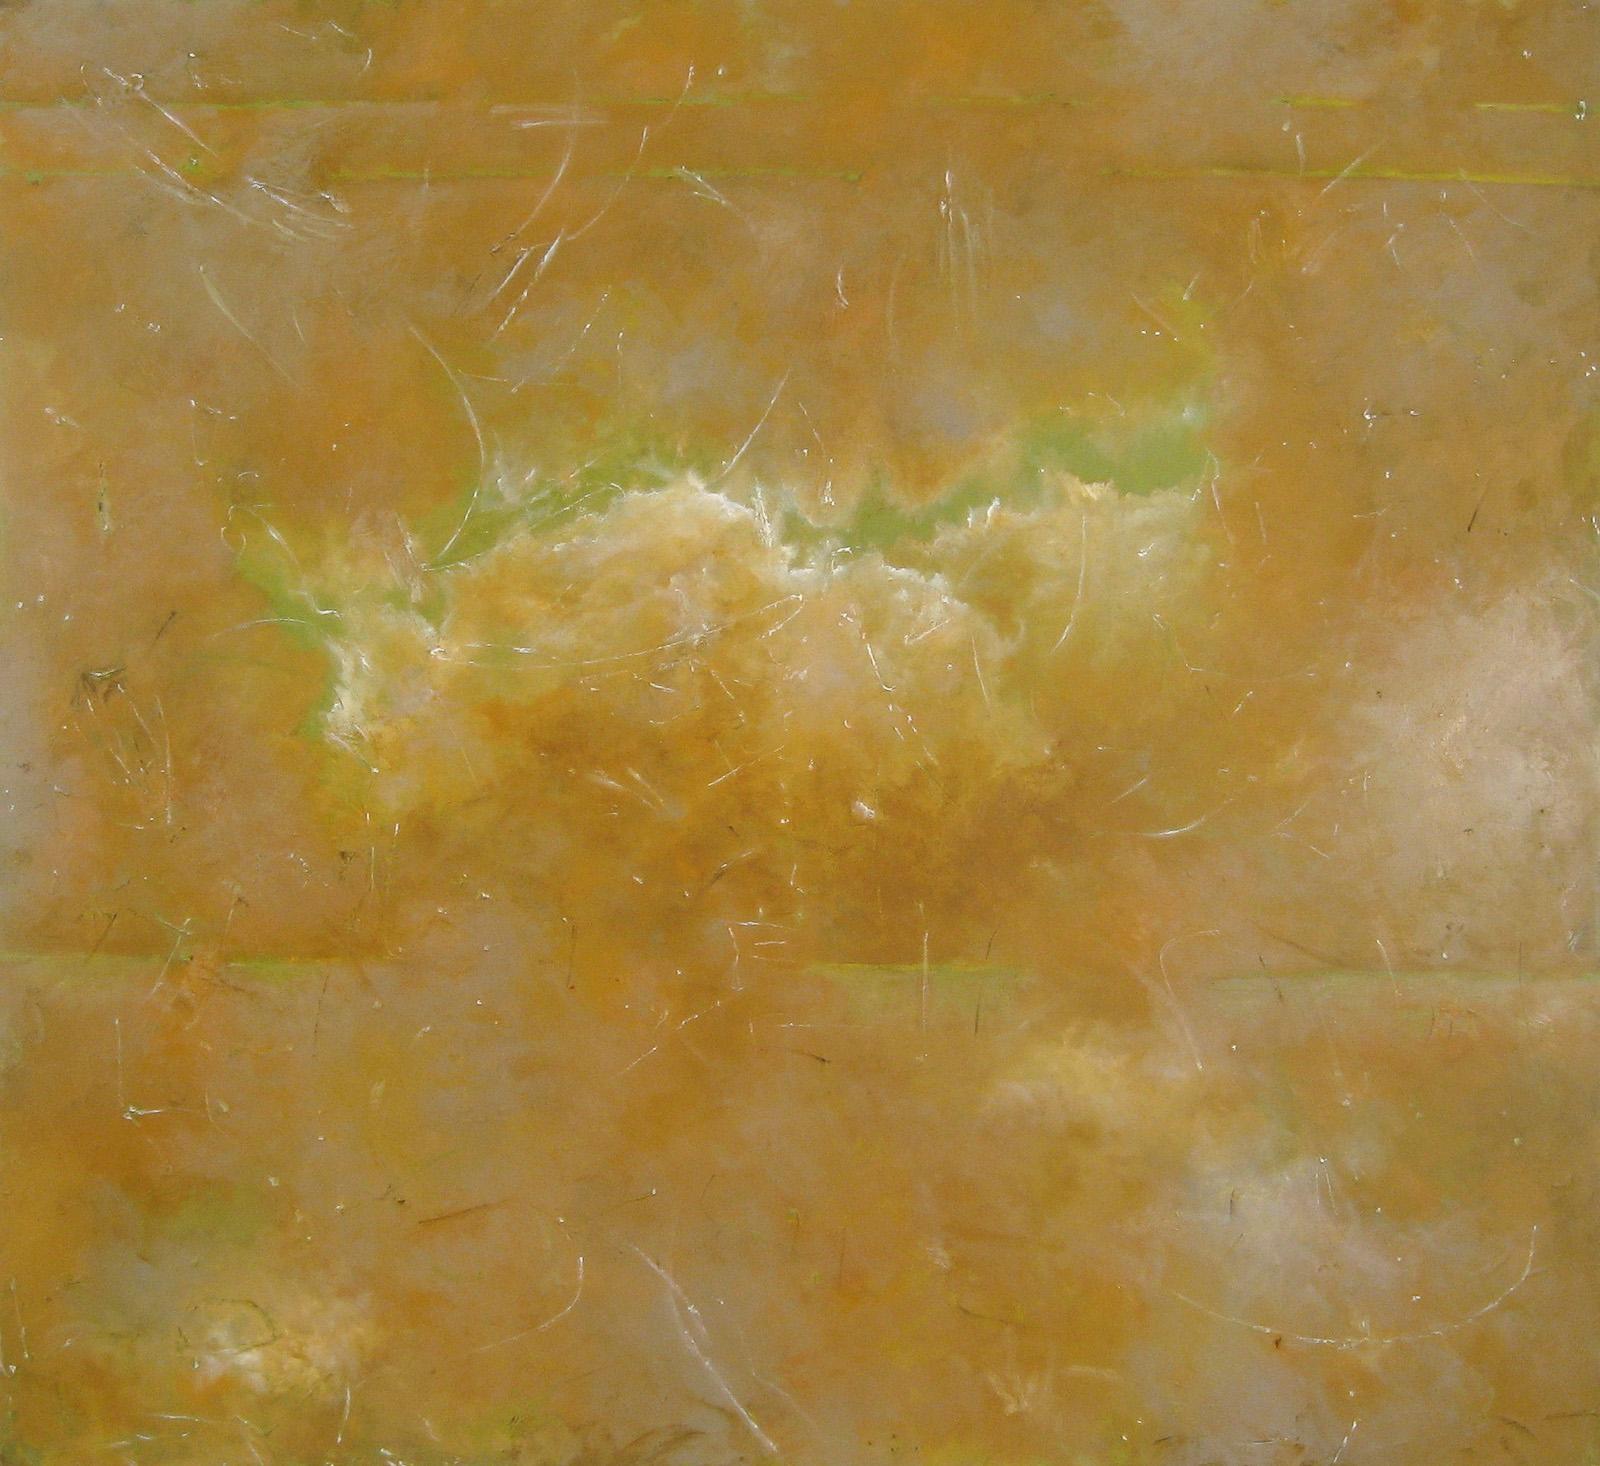 Holding It Lightly - Hope , 66 x 72, o-c, 2010